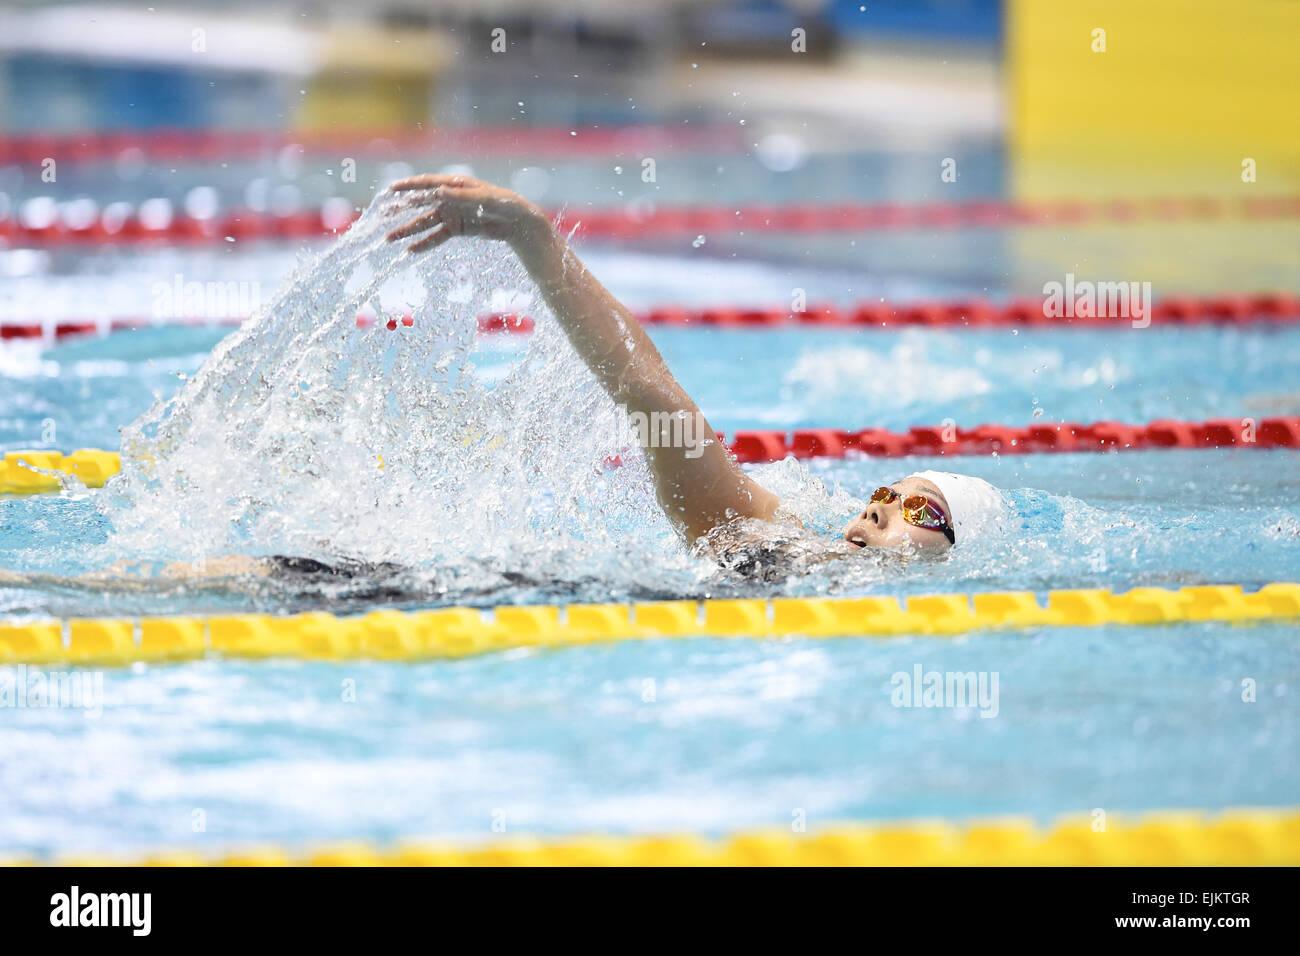 tatsumi international swimming pool tokyo japan 28th mar 2015 suzuka onodera march 28 2015 swimming the 37th joc junior olympic cup womens 400m